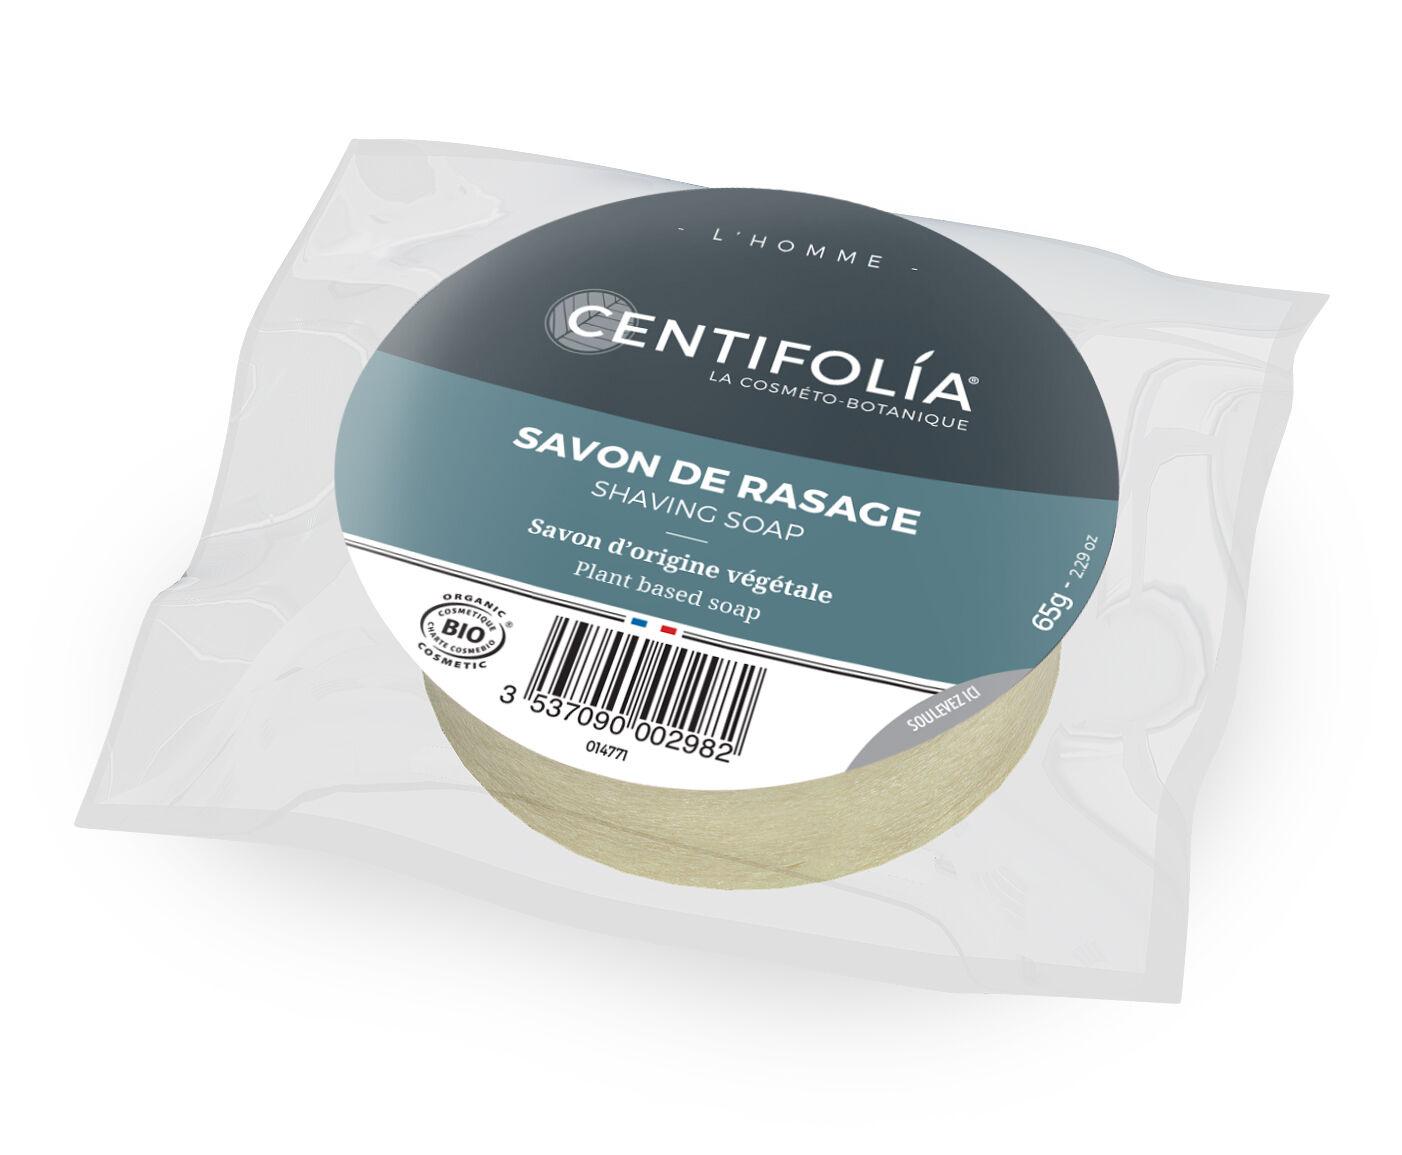 Centifolia Homme Savon de Rasage Sachet de Recharge Bio 65g